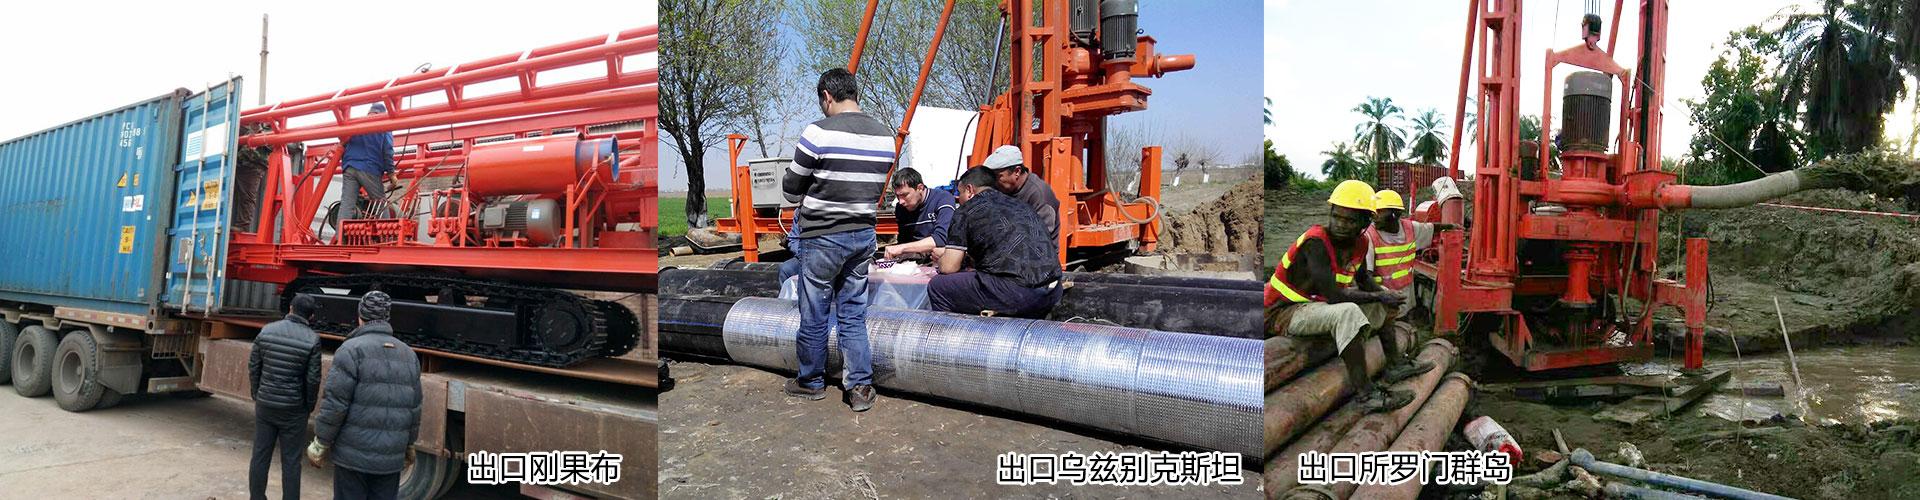 正循环钻机,灌注桩导管,车载钻机,液压步履式打桩机